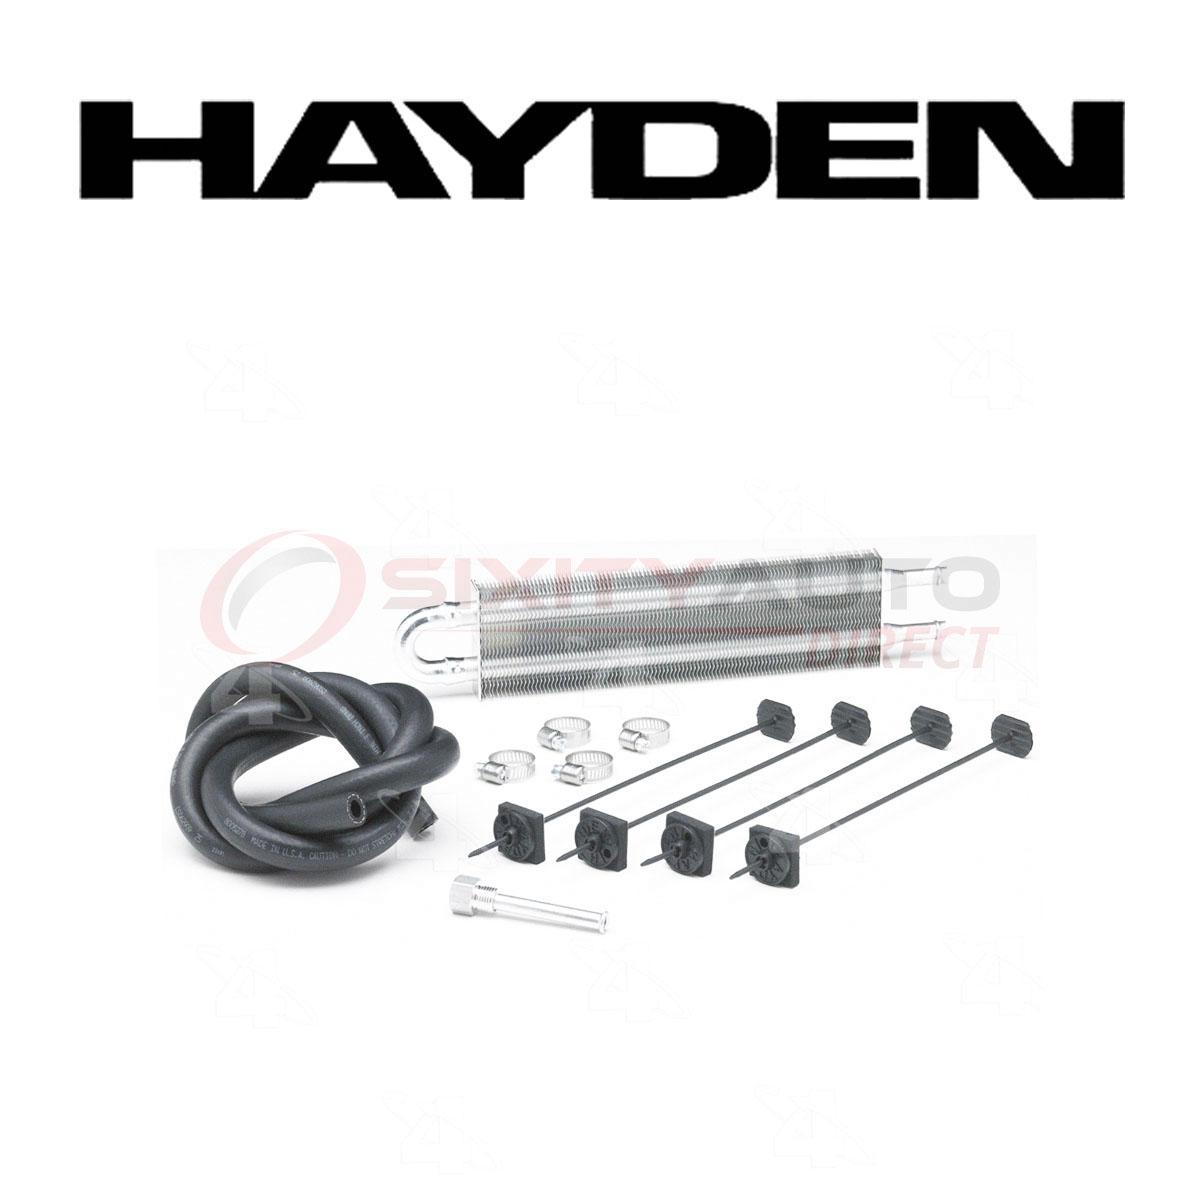 Hayden Power Steering Oil Cooler for 2006-2012 Chevrolet